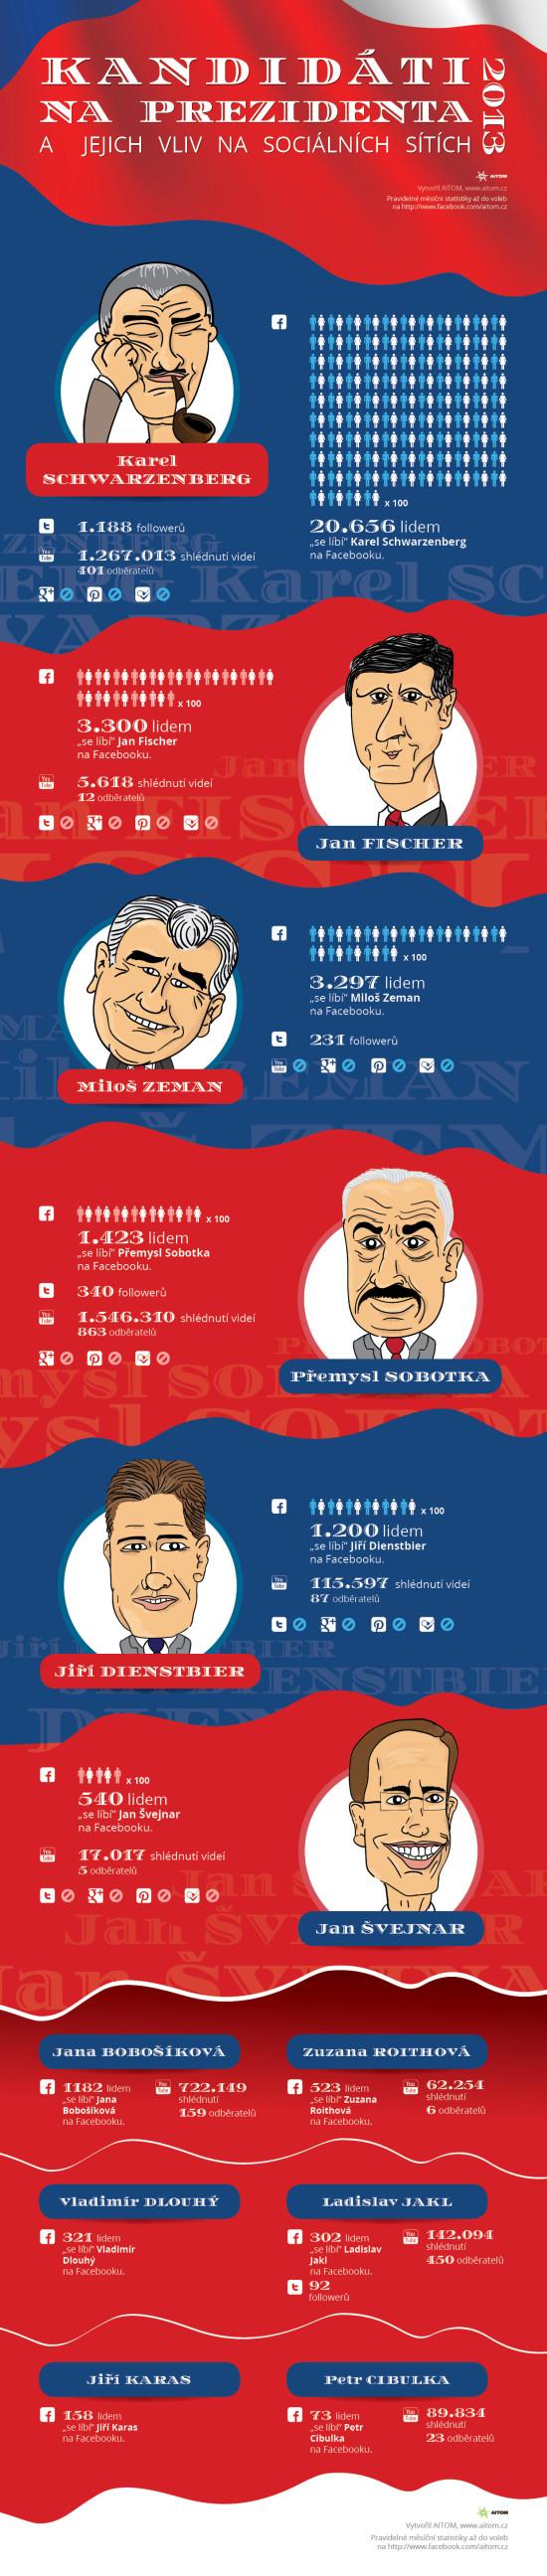 Kandidáti na prezidenta a jejich vliv na sociálních sítích